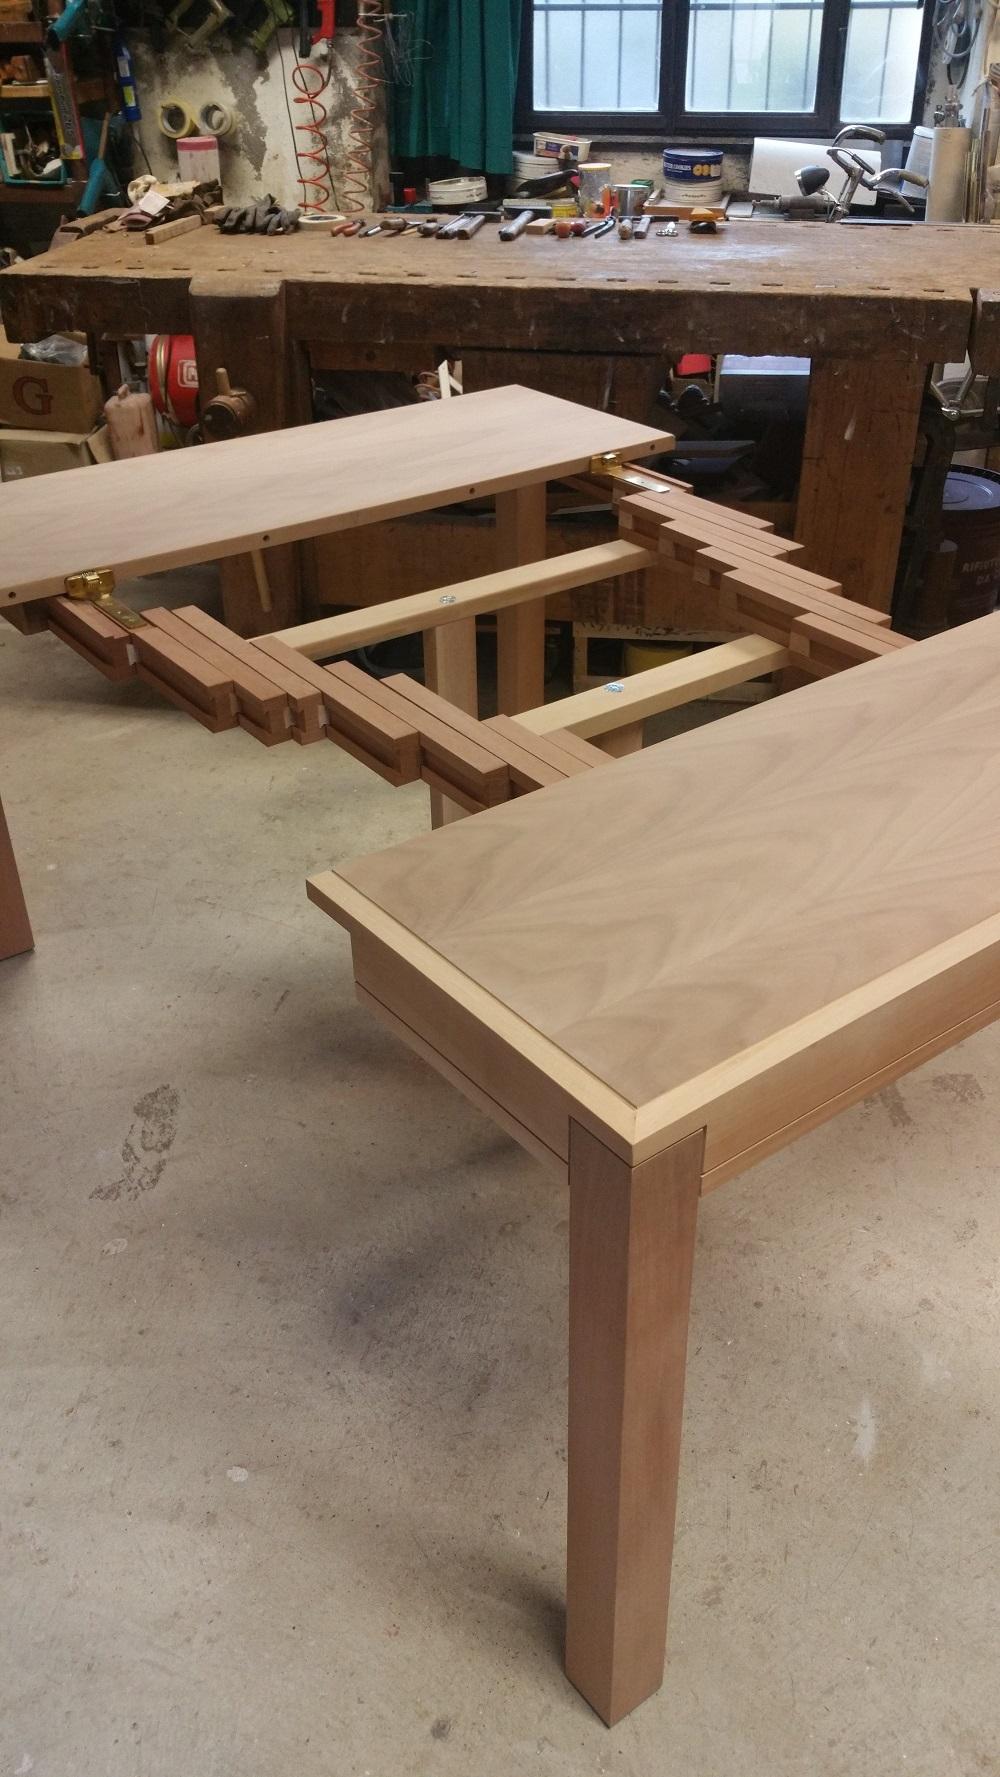 Consolle allungabile in legno massello scontata del 30% impiallacciata ...